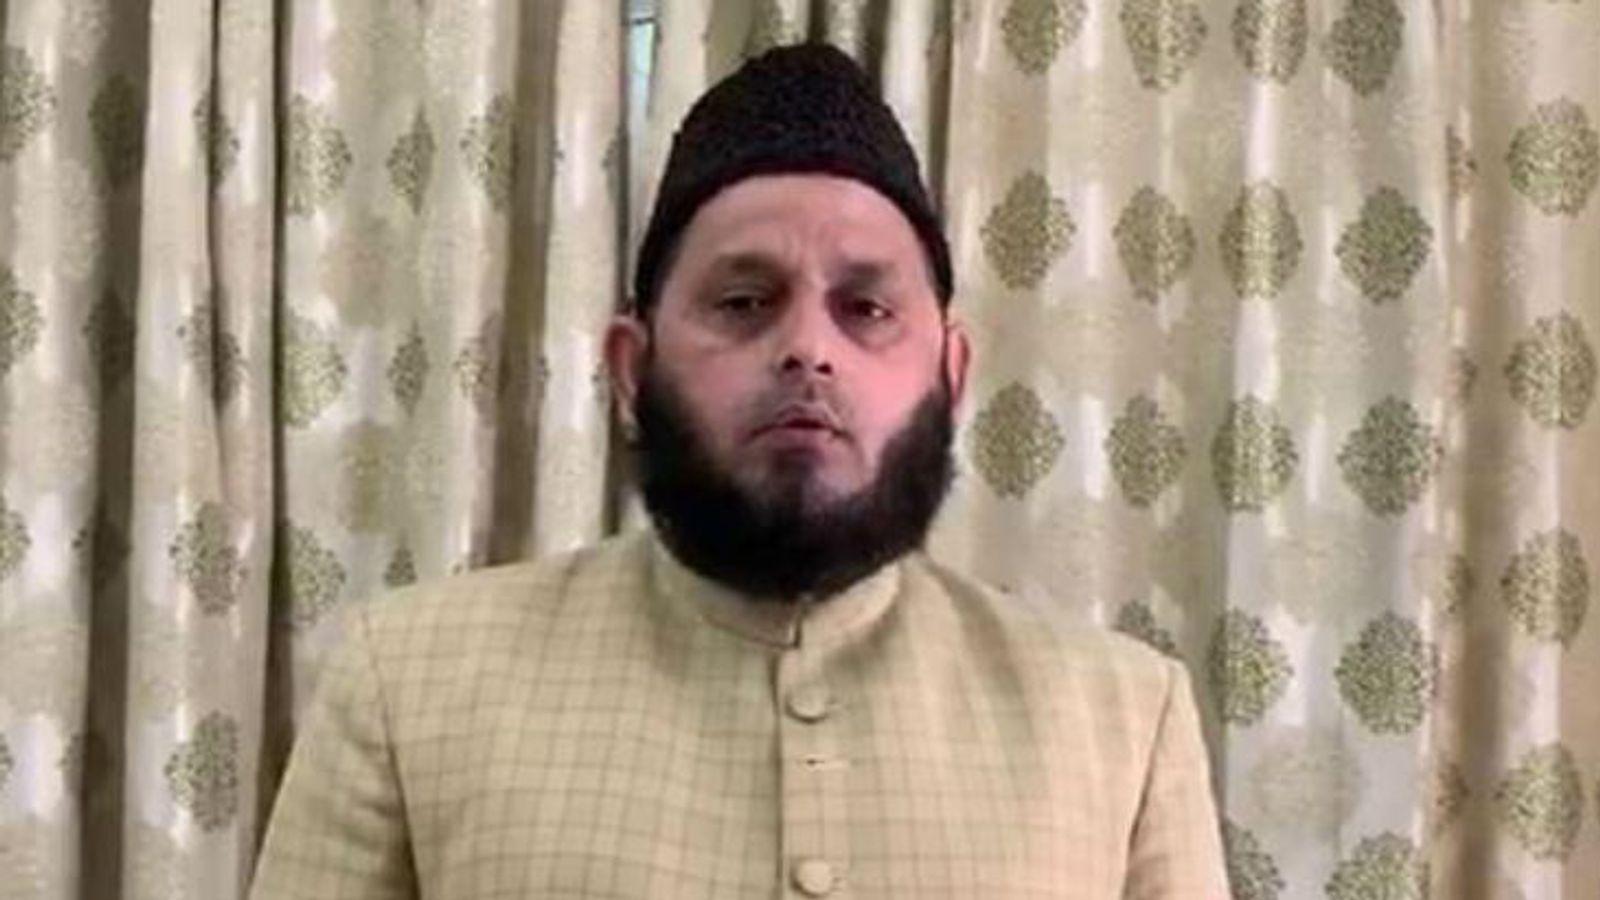 रमजान को लेकर इस्लामिक सेंटर ऑफ इंडिया ने जारी की एडवाइजरी, इन बातों का जरूर रखें ध्यान